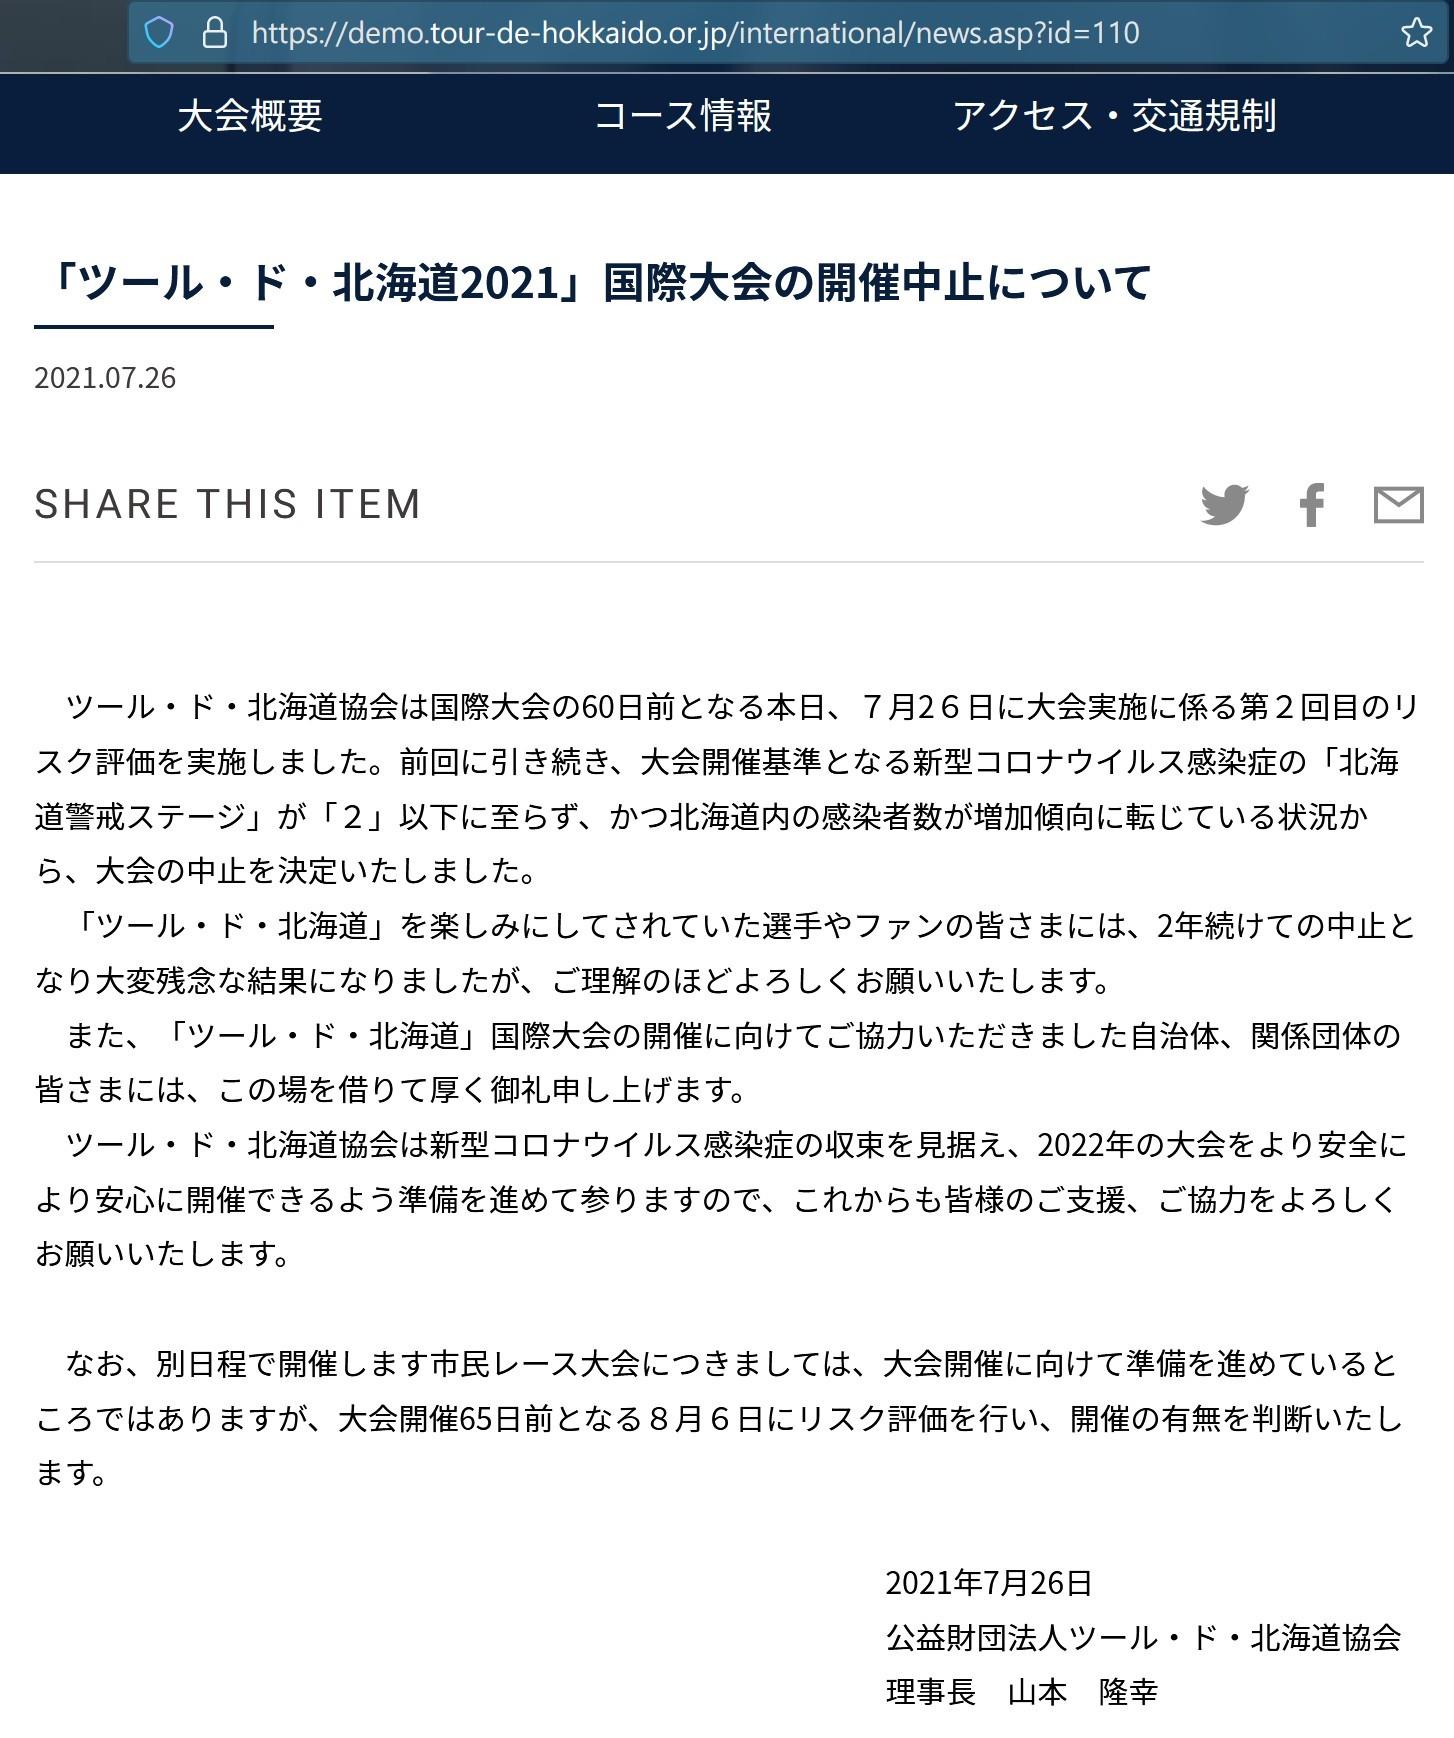 圖片來源 : https://demo.tour-de-hokkaido.or.jp/